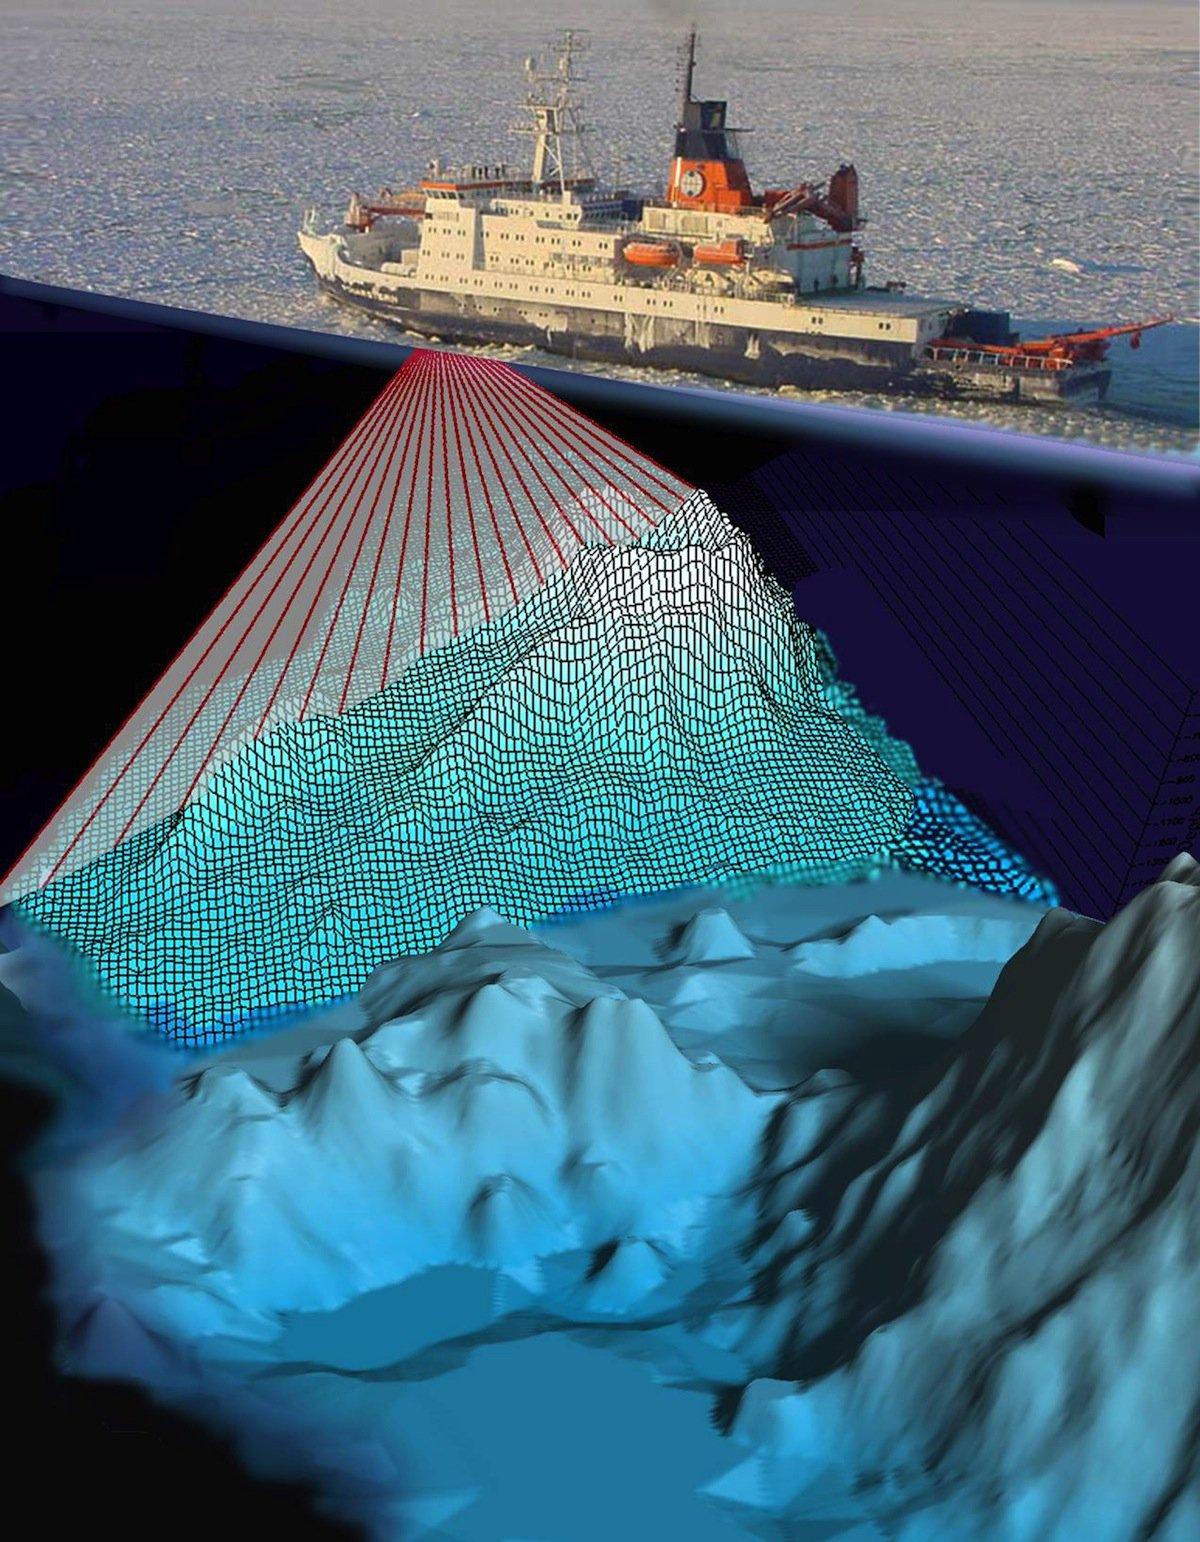 Das Forschungsschiff Polarstern hatte 1990 mit seinem Fächersonarsystem die Oberfläche des Meeresbodens vor Grönland erfasst. Die riesigen Kratzspuren der Eisberge wurden erst jetzt entdeckt.